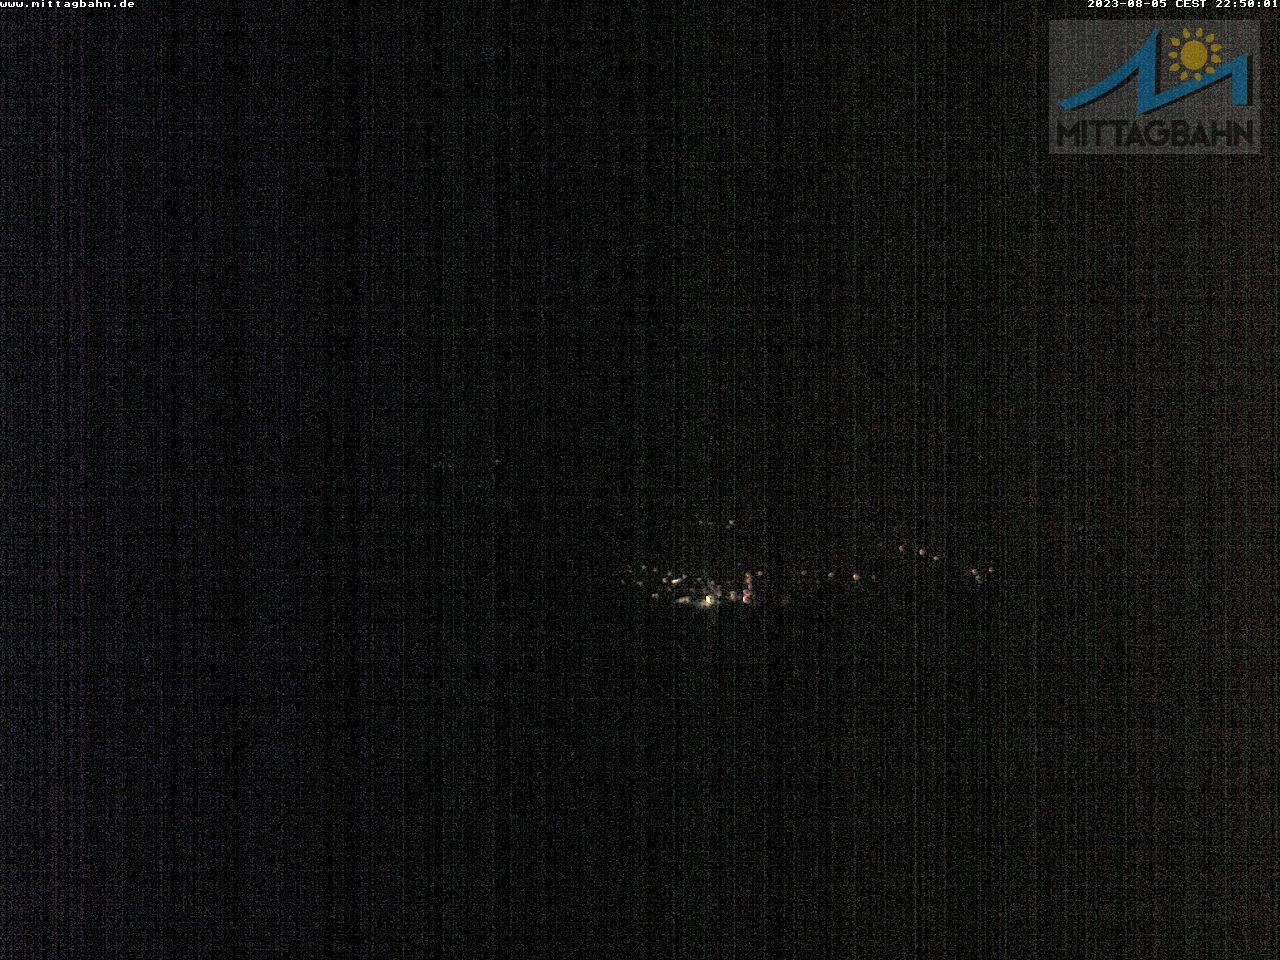 Webcam Skigebiet Immenstadt - Mittag cam 7 - Allgäu